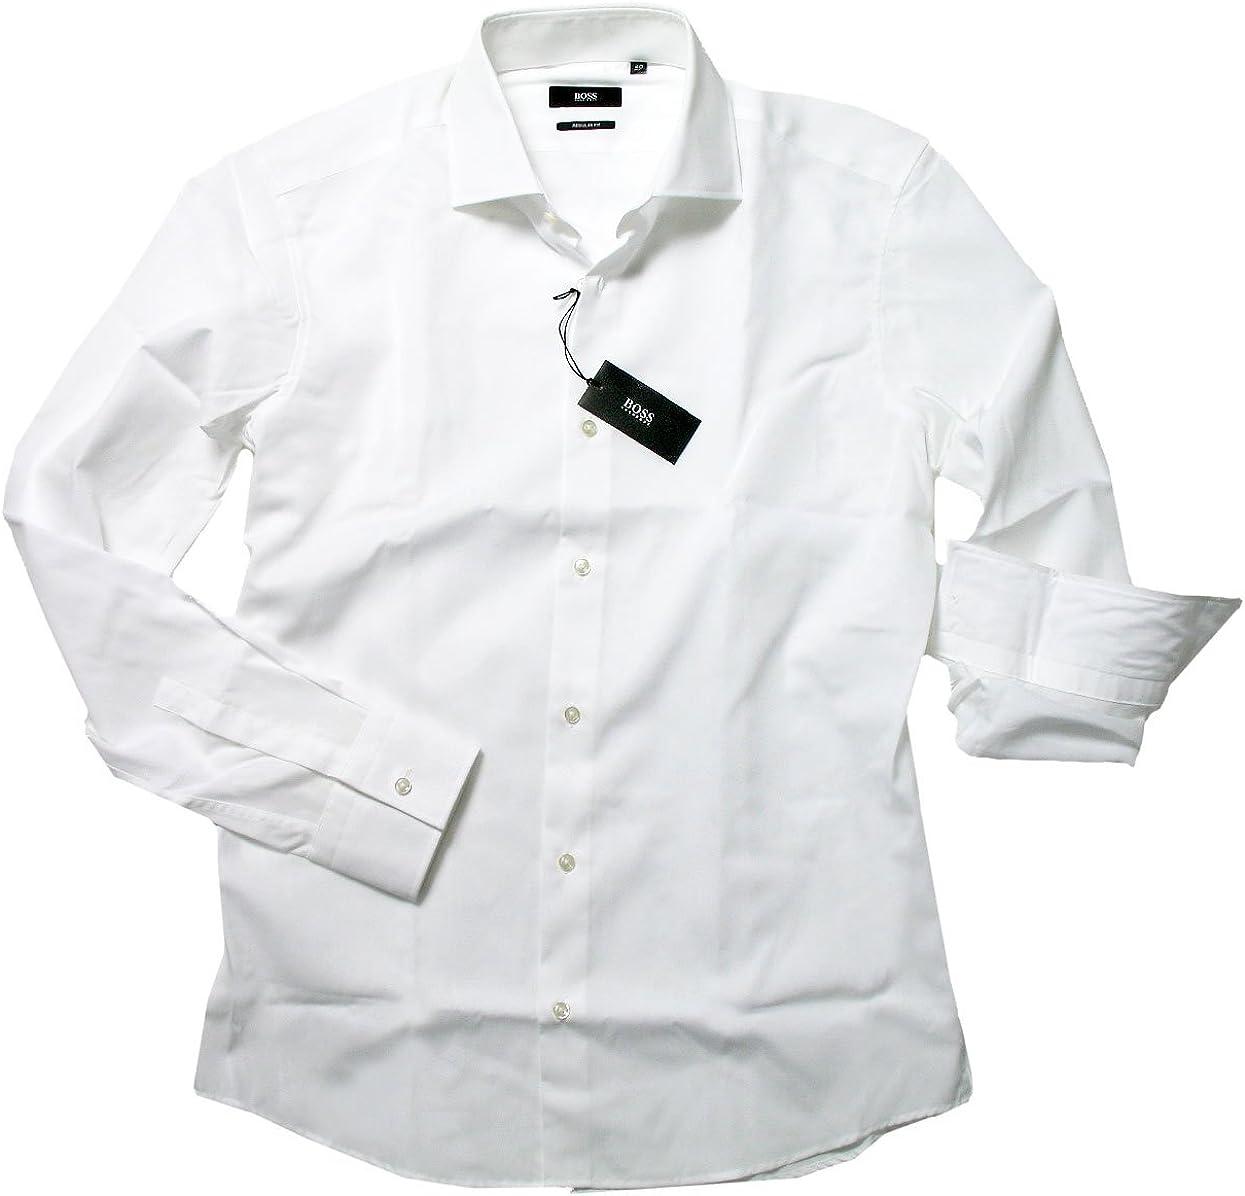 Hugo Boss - Camisa formal - Normal - para hombre blanco Small: Amazon.es: Ropa y accesorios